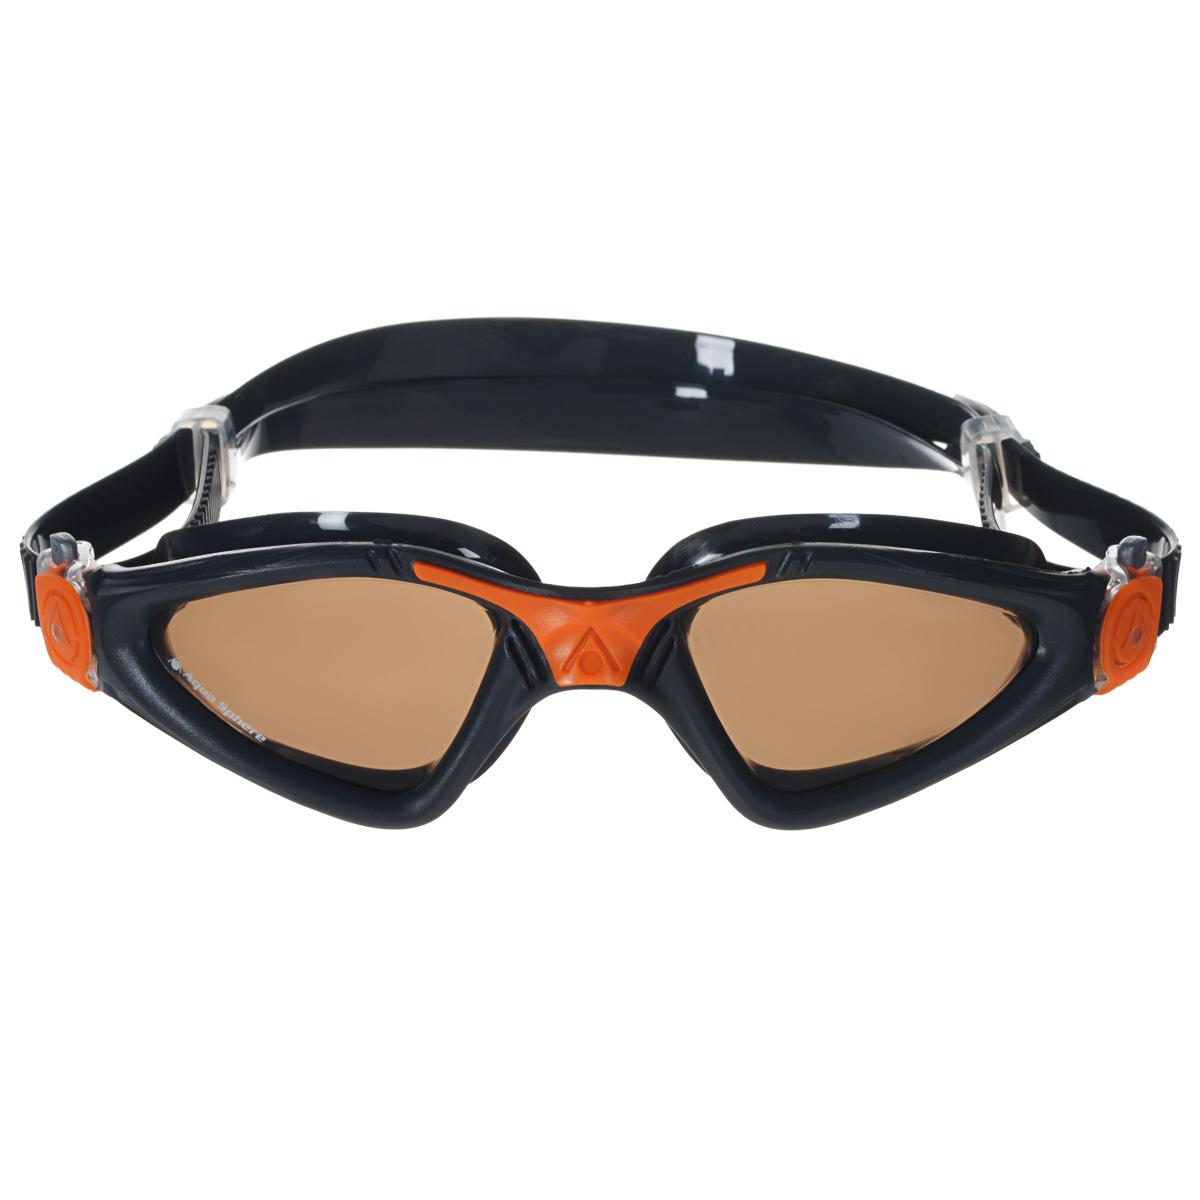 Очки для плавания Aqua Sphere Kayenne, поляризованные линзы, цвет: серый, оранжевыйTN172730Модные и стильные очки для плавания Aqua Sphere Kayenne идеально подходят для плавания в бассейне или открытой воде. Оснащены линзами с антизапотевающим покрытием, которые устойчивы к появлению царапин. Мягкий комфортный обтюратор плотно прилегает к лицу.Запатентованные изогнутые линзы дают прекрасный обзор на 180° - без искажений. Рамка имеет гидродинамическую форму. Очки оснащены удобными быстрорегулируемыми пряжками.Поляризованные линзы уменьшают блики, отраженные от блестящих поверхностей, таких как вода. В результате увеличивается цветовой контраст и уменьшаются блики. Изображения становятся резче и визуальное восприятие улучшается.Материал: софтерил, plexisol.